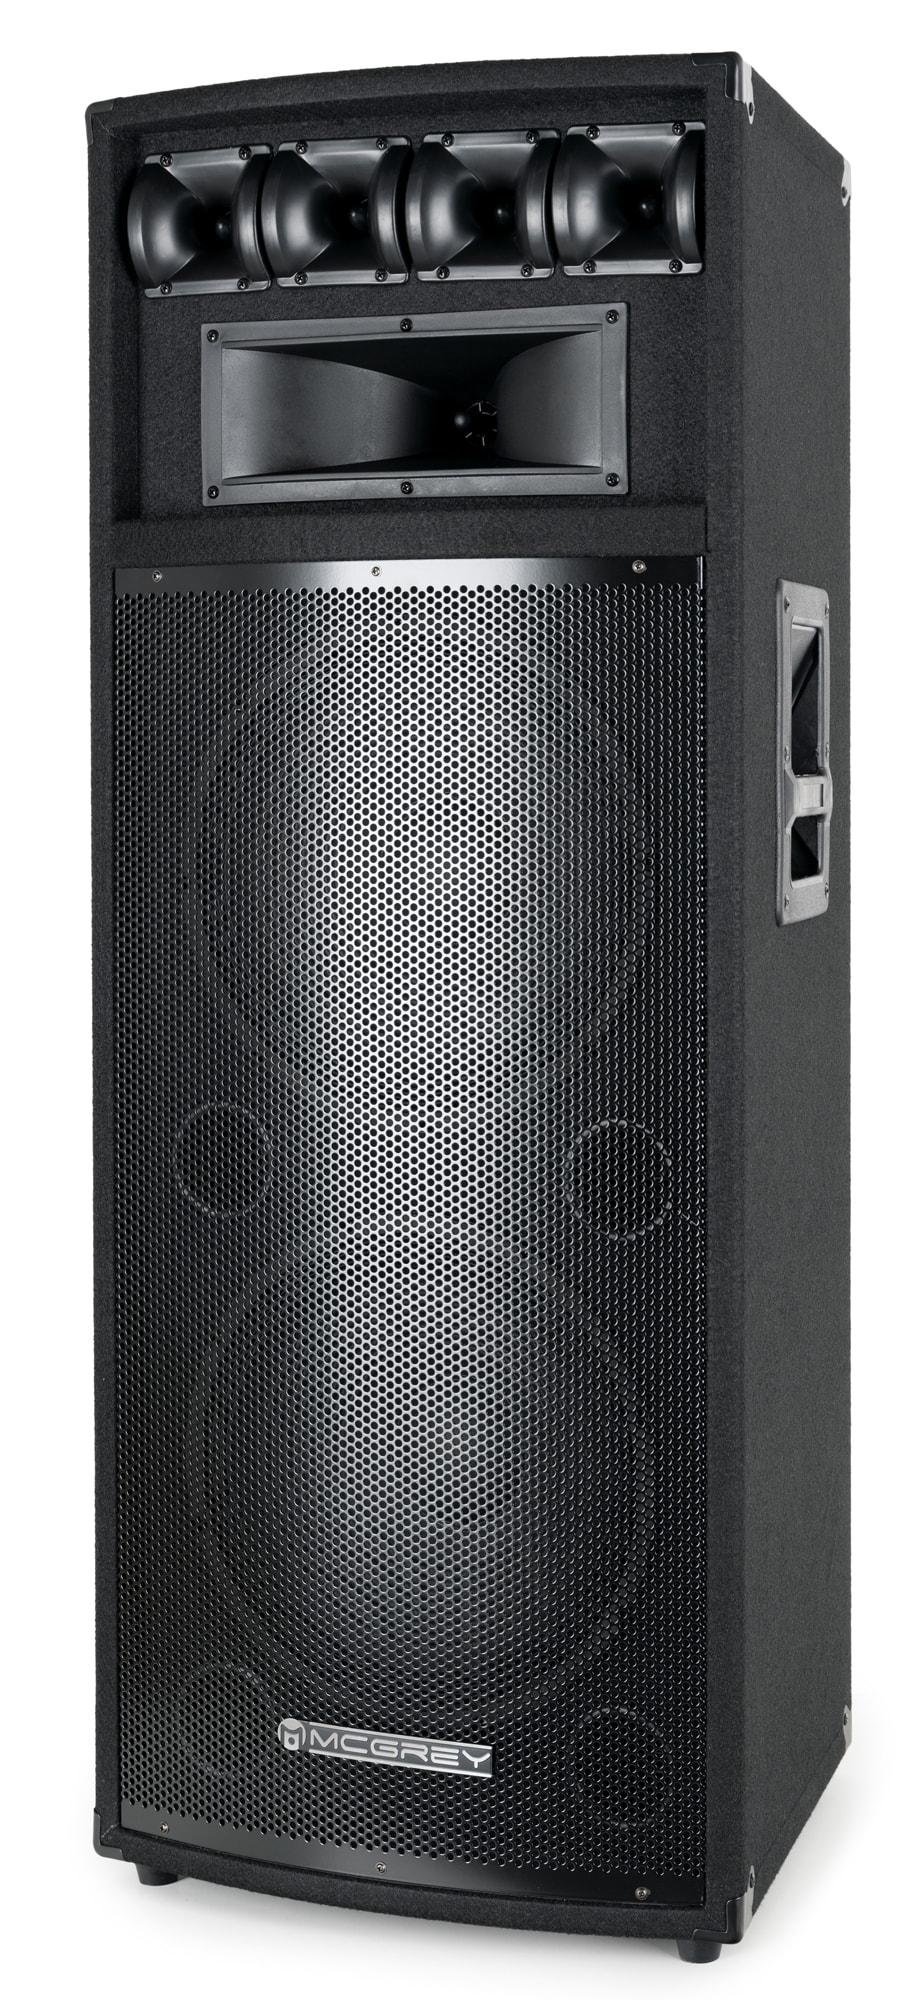 McGrey PowerDJ 212 Passiv Box